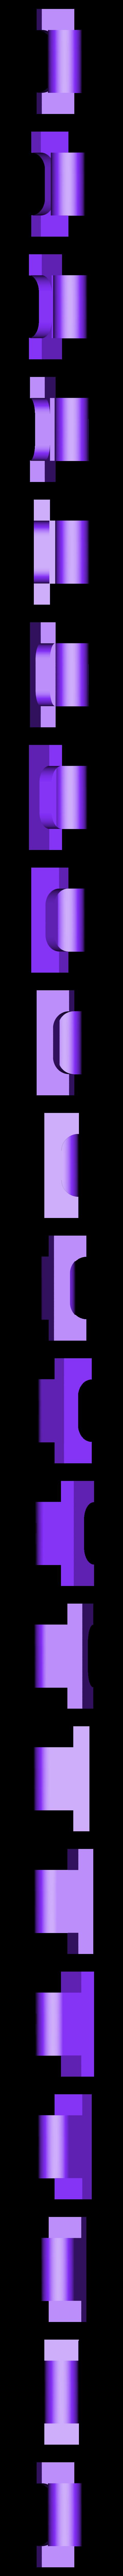 holding_pin.stl Télécharger fichier STL gratuit Mini Macintosh • Modèle à imprimer en 3D, GadgetsThatGo